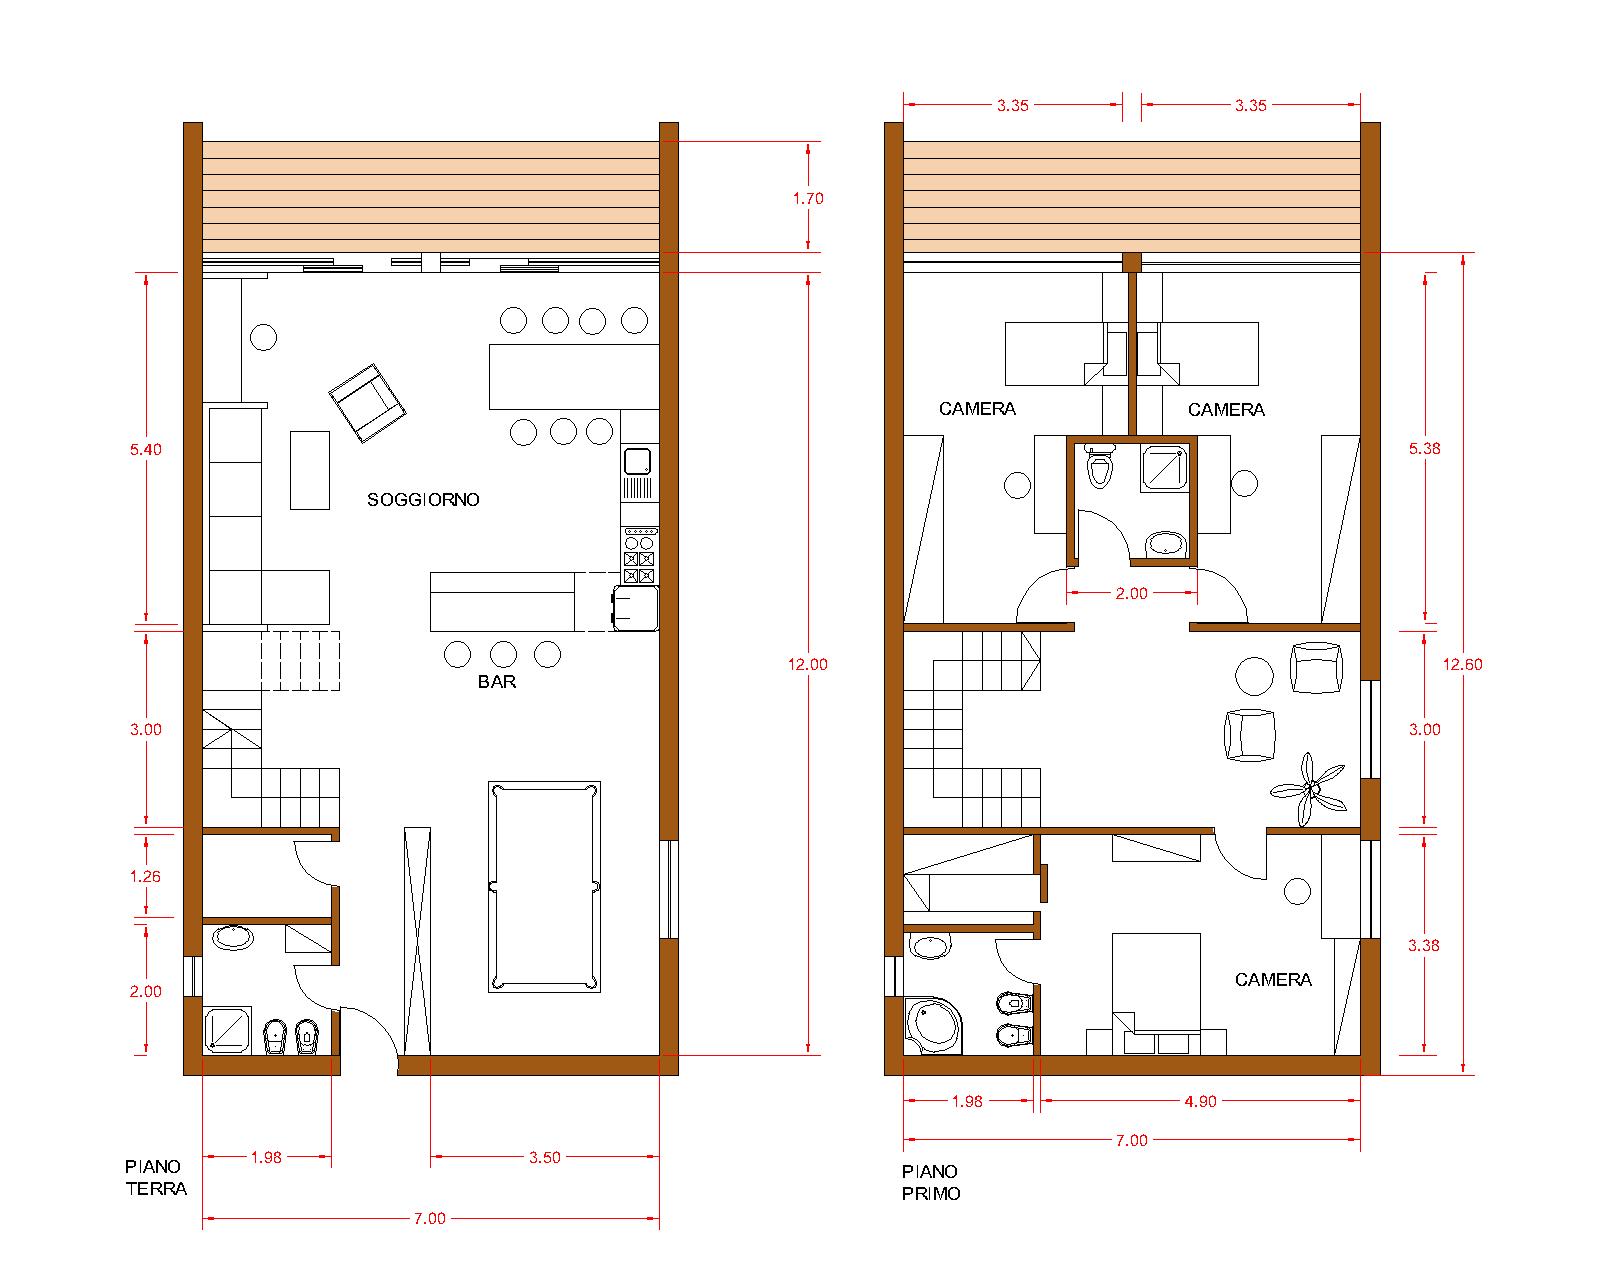 Progetti di case in legno casa 191 mq terrazze 25 mq for Casa moderna 60 mq